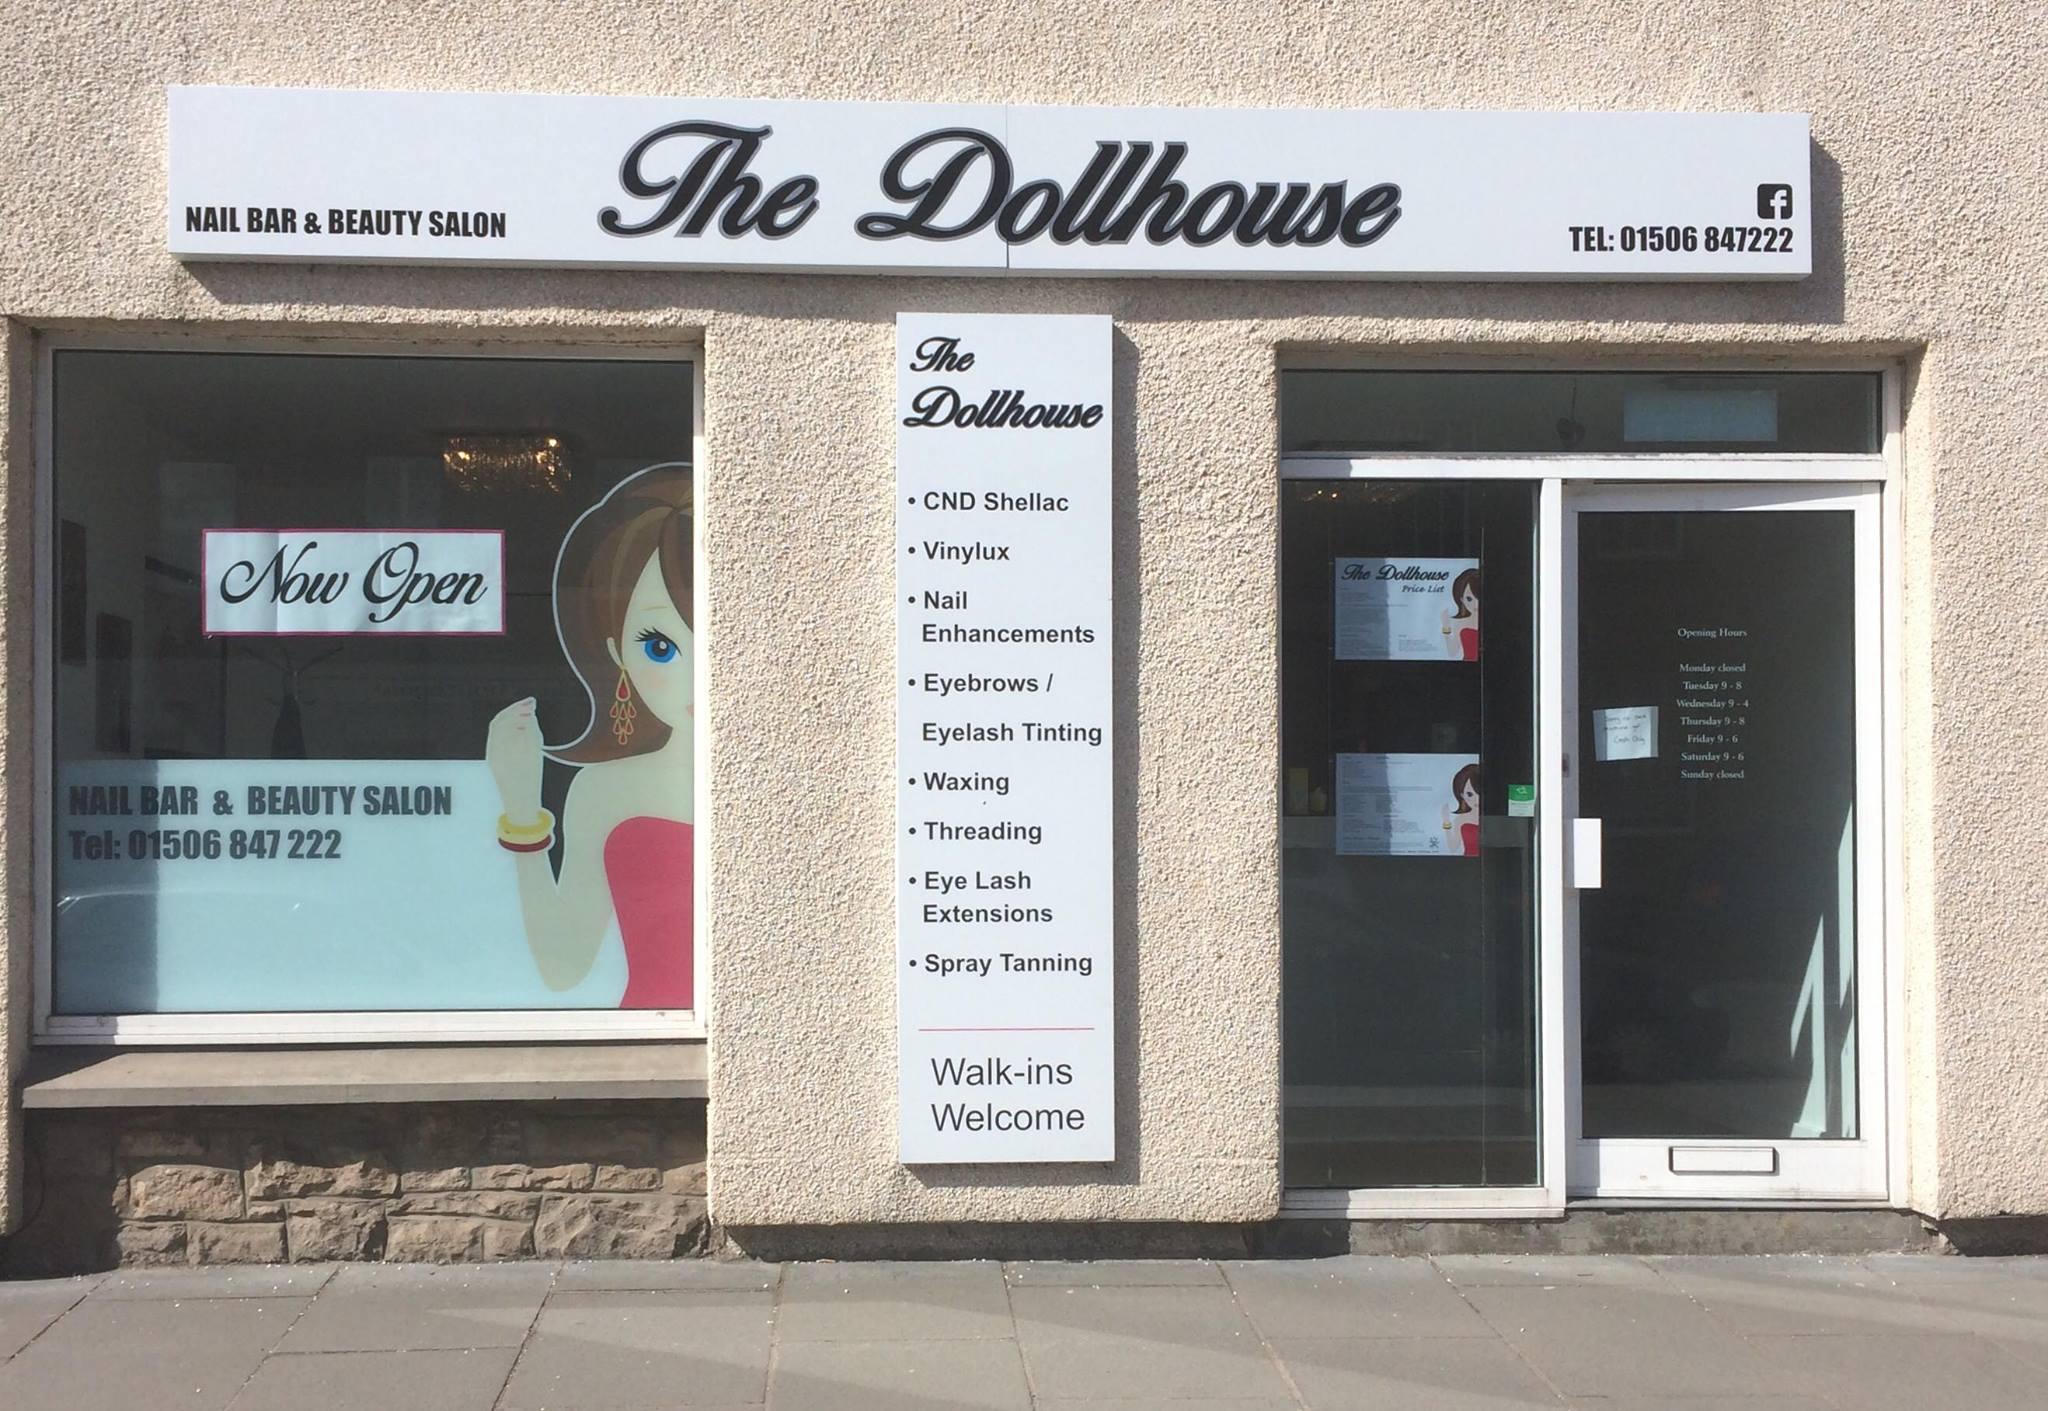 The Dollhouse Nail Bar & Beauty Salon - My Linlithgow